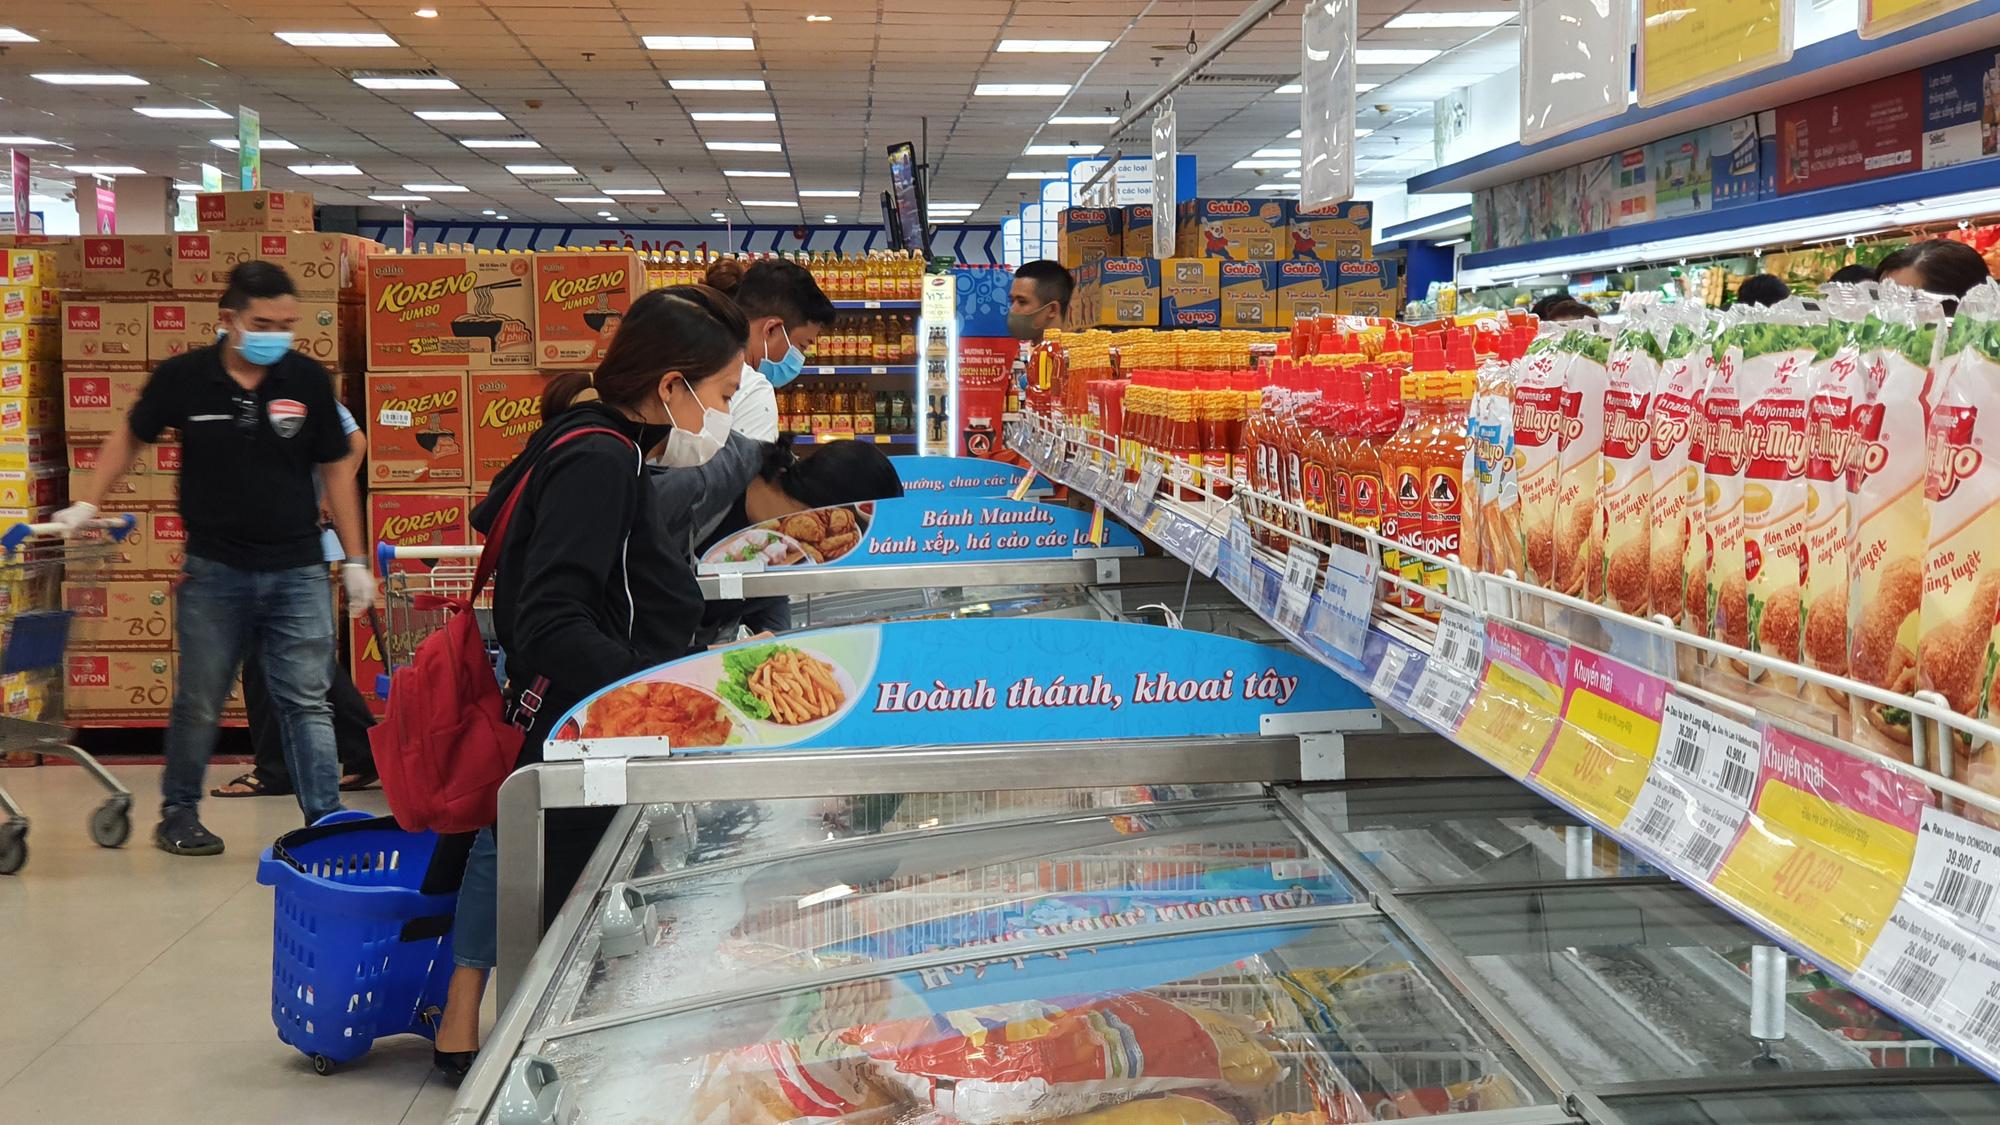 Sợ siêu thị đóng cửa, bị rủ rê… người Sài gòn kéo nhau đi mua đồ về trữ cho 14 ngày cách li xã hội - Ảnh 7.